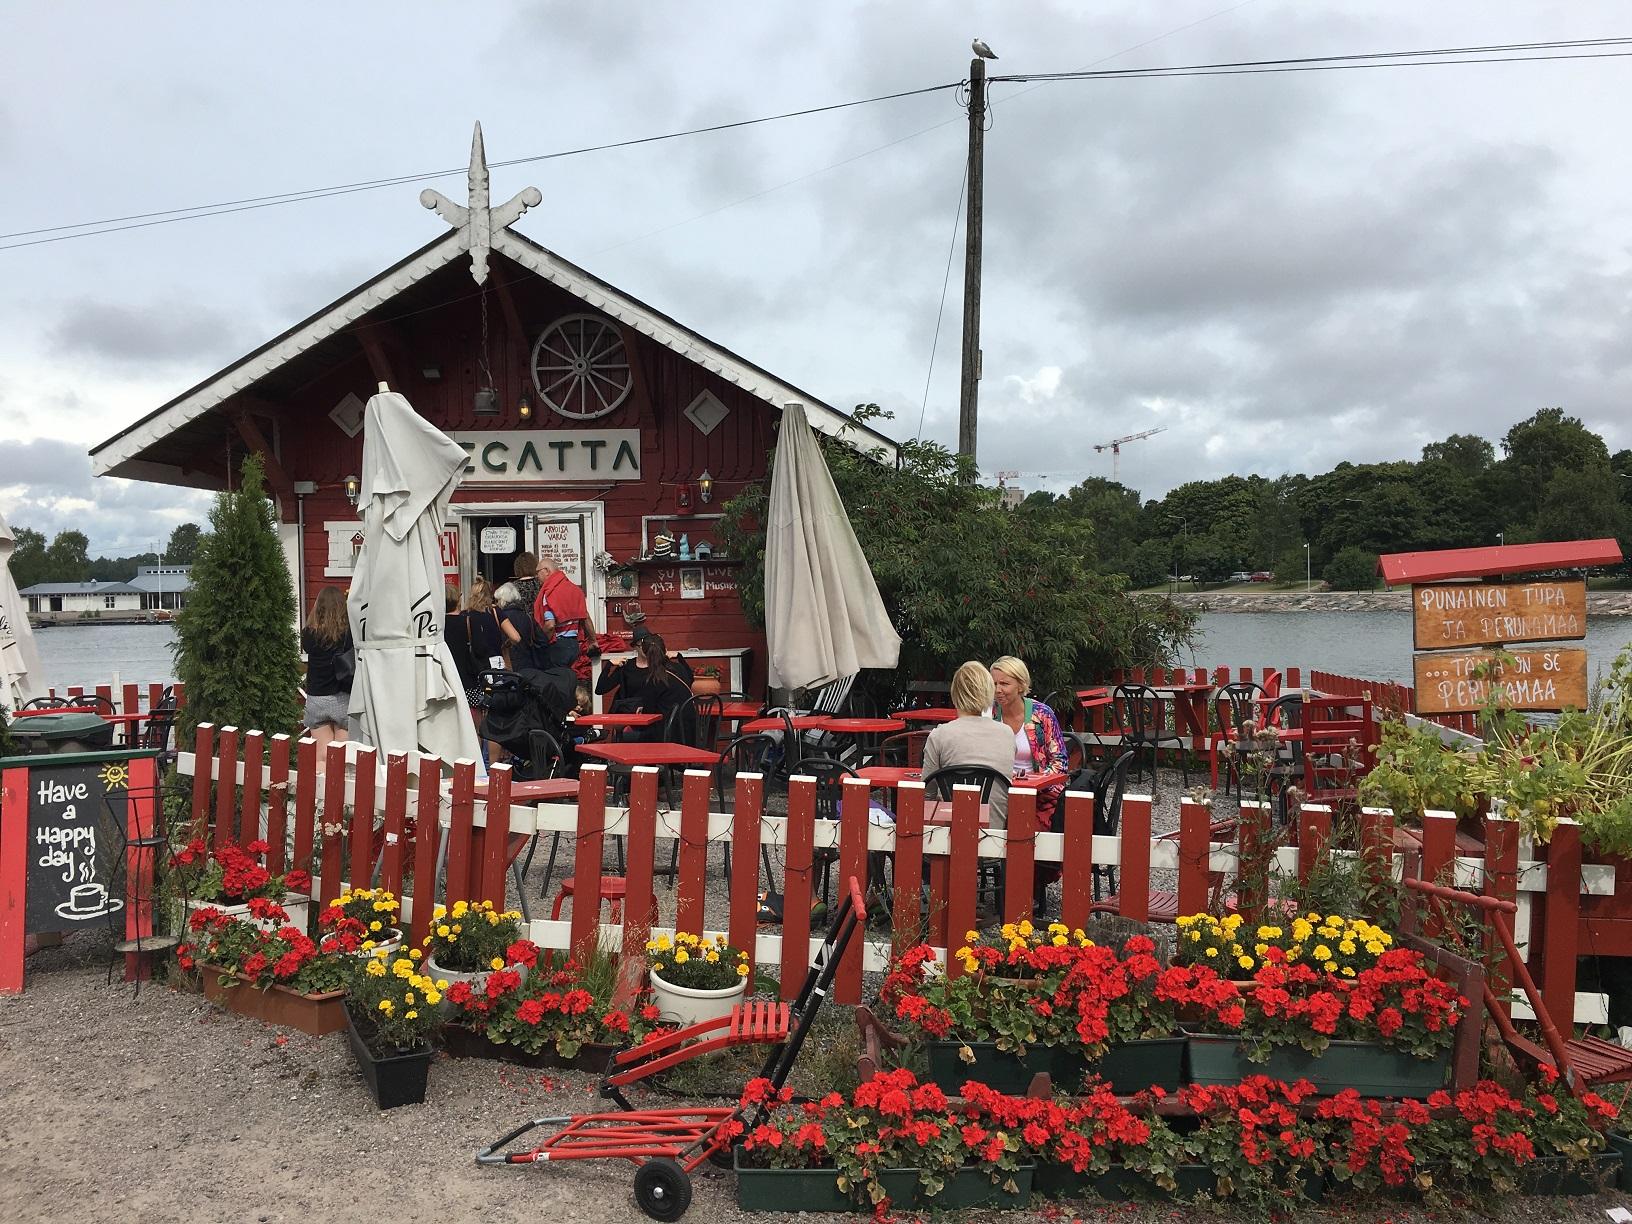 Das Café Regatta in Helsinki - eines der beliebtesten Cafés in Helsinki